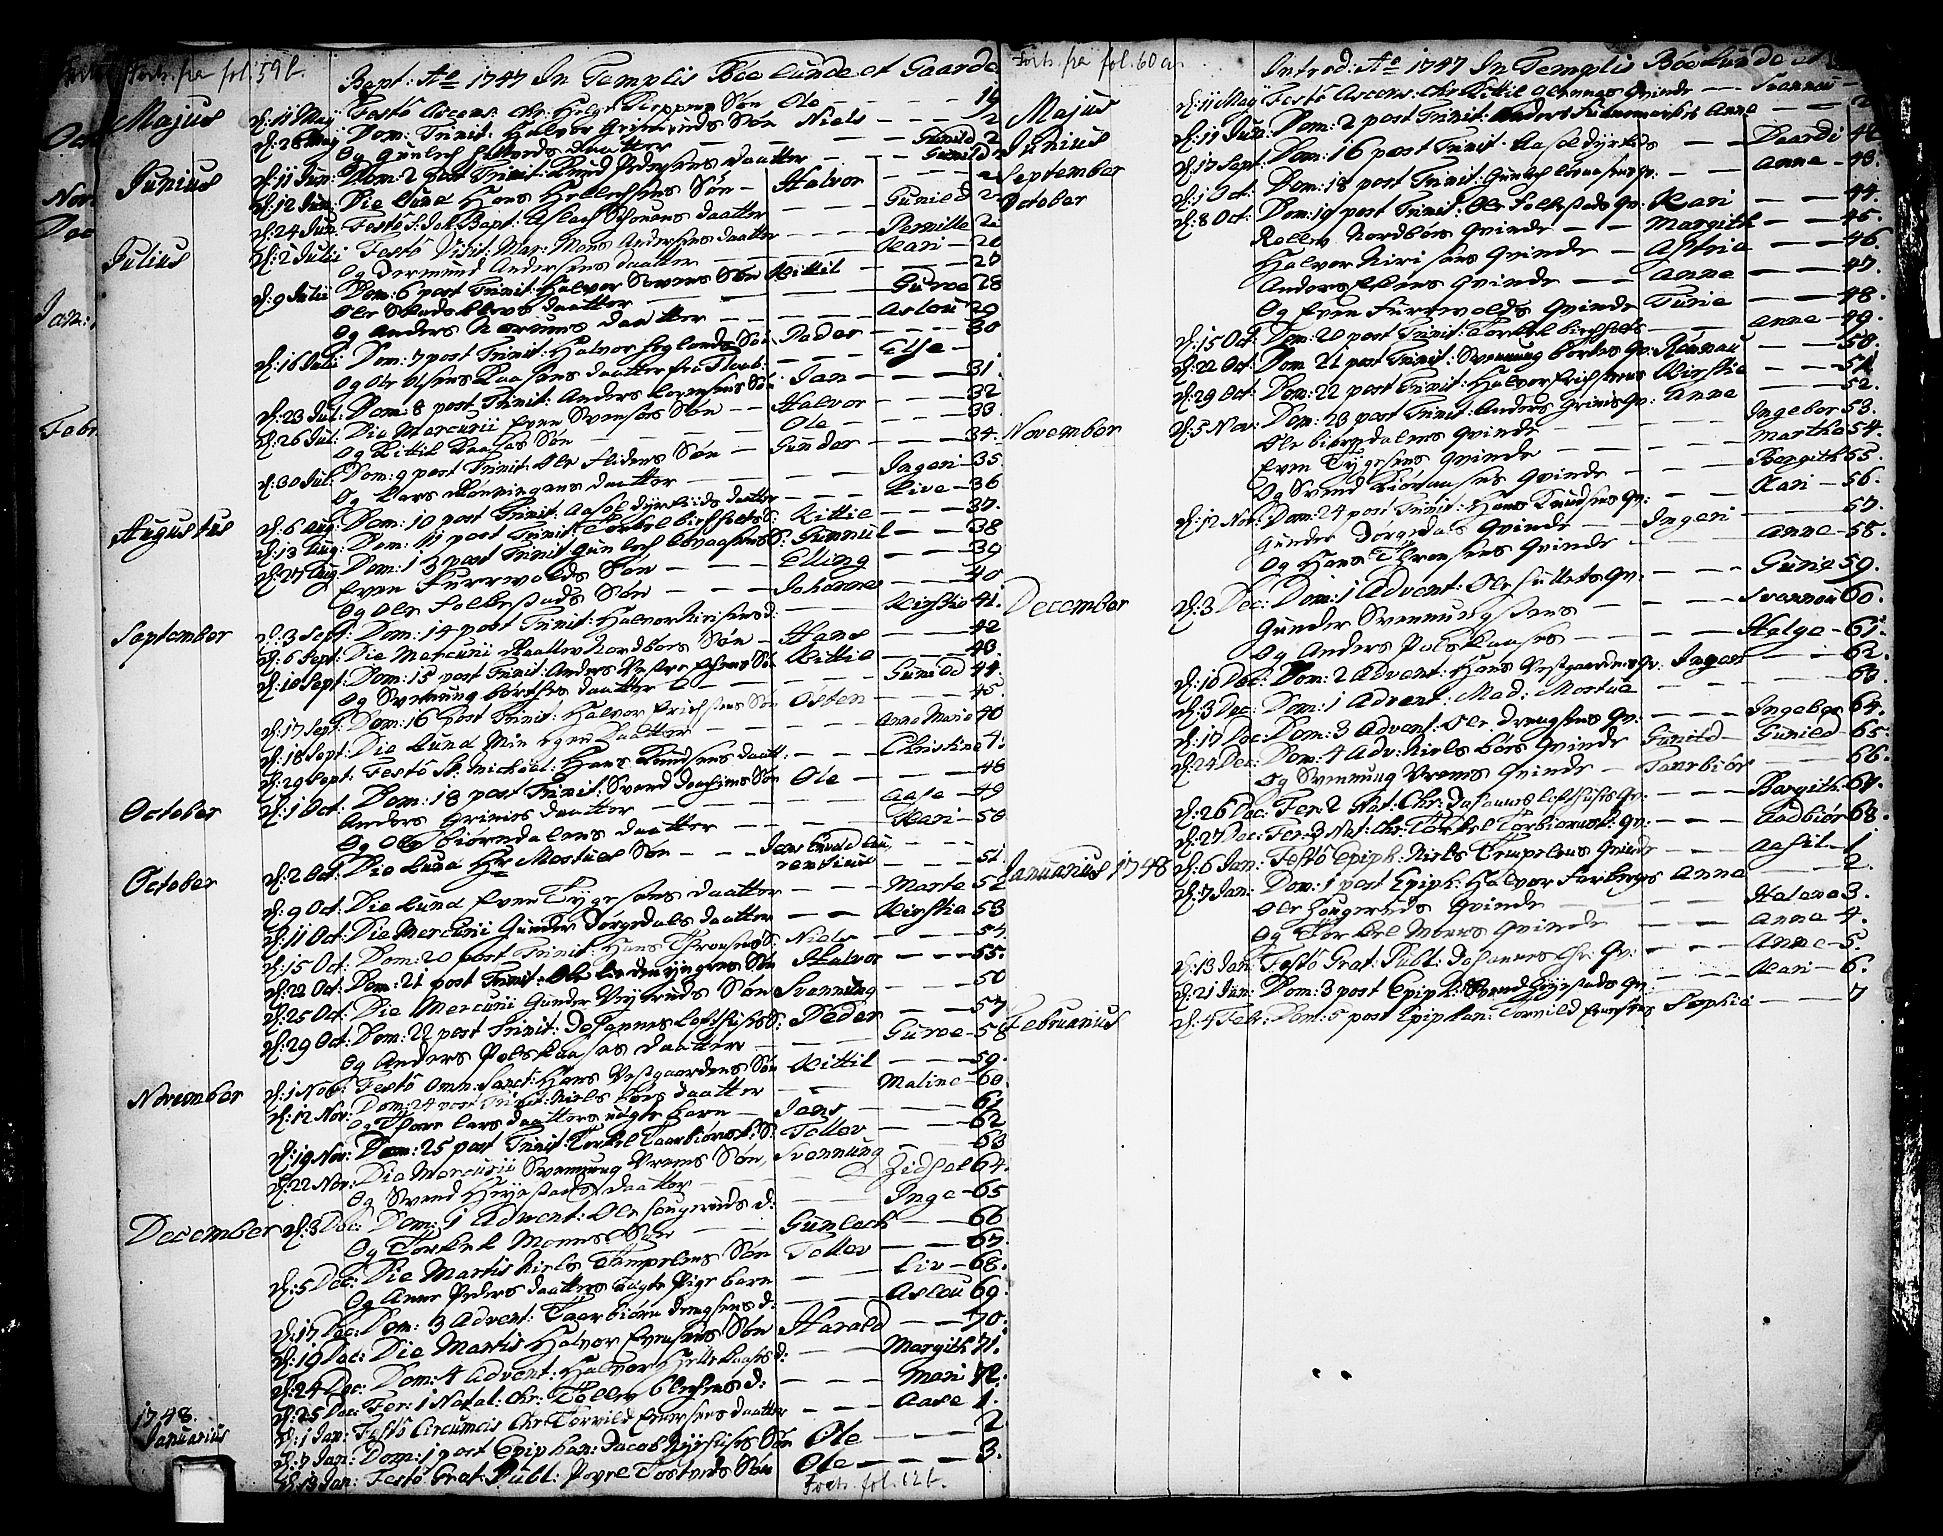 SAKO, Bø kirkebøker, F/Fa/L0003: Ministerialbok nr. 3, 1733-1748, s. 62